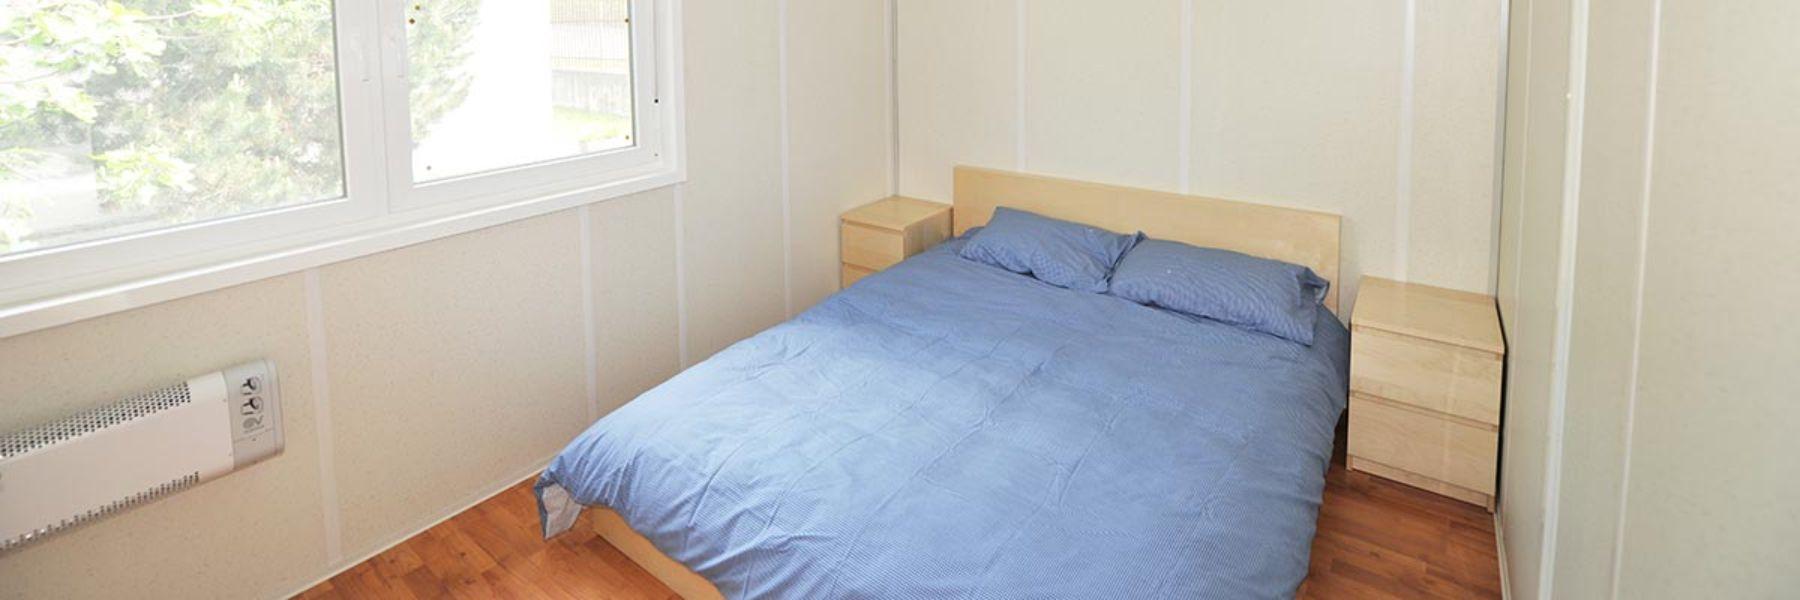 DORMITORI | dormitori 03(1)